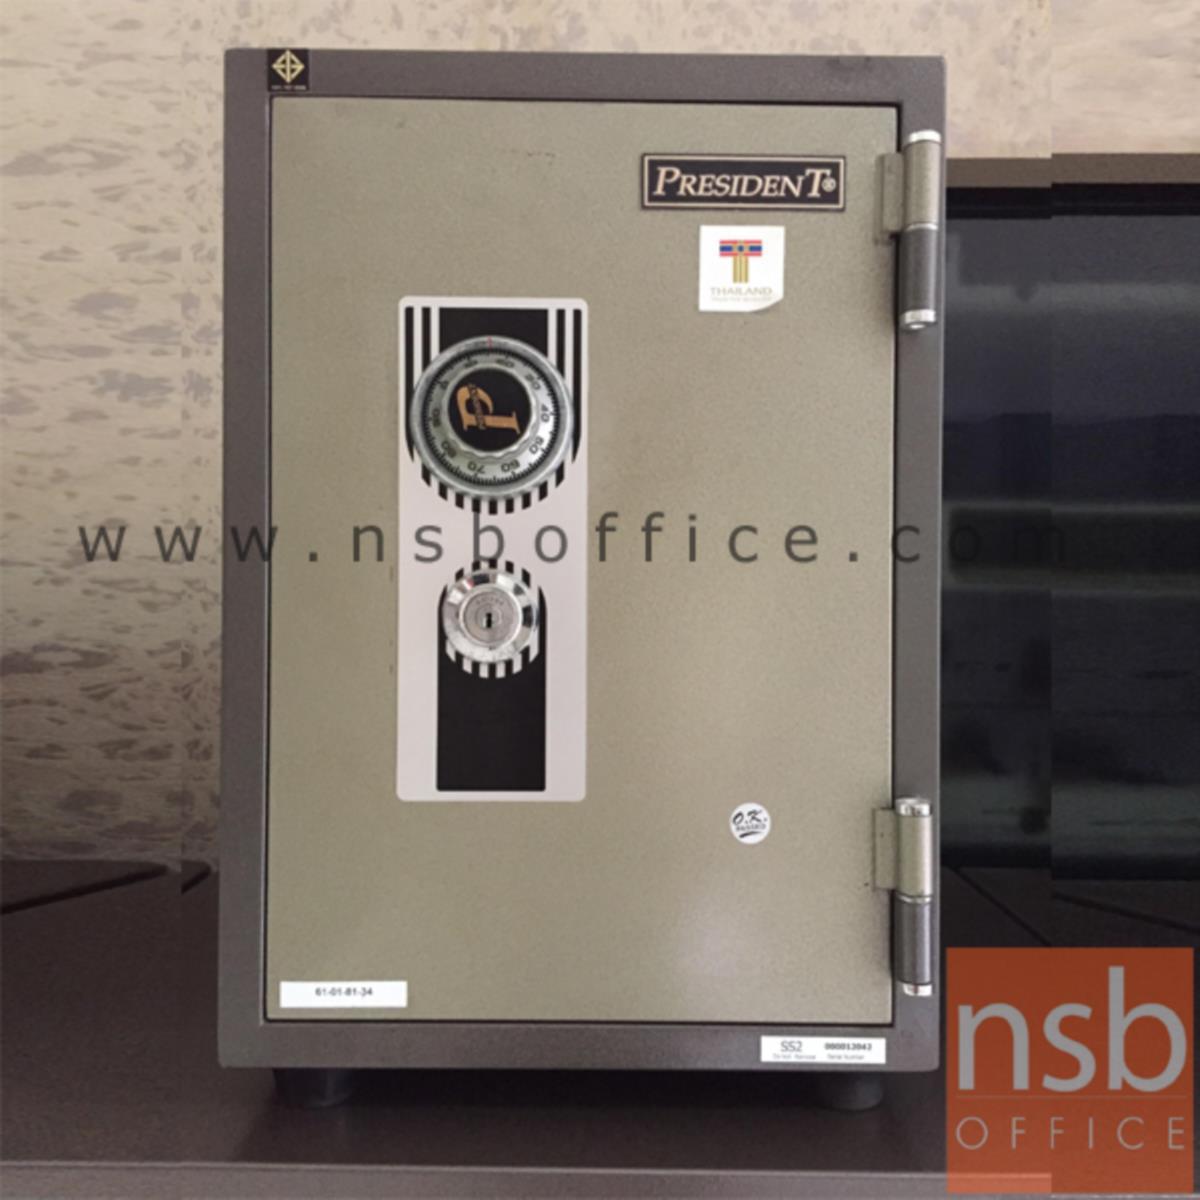 ตู้เซฟนิรภัยชนิดหมุน 50 กก. มีถาด 7 อัน รุ่น PRESIDENT-SS2T มี 1 กุญแจ 1 รหัส (ใช้หมุนหน้าตู้)